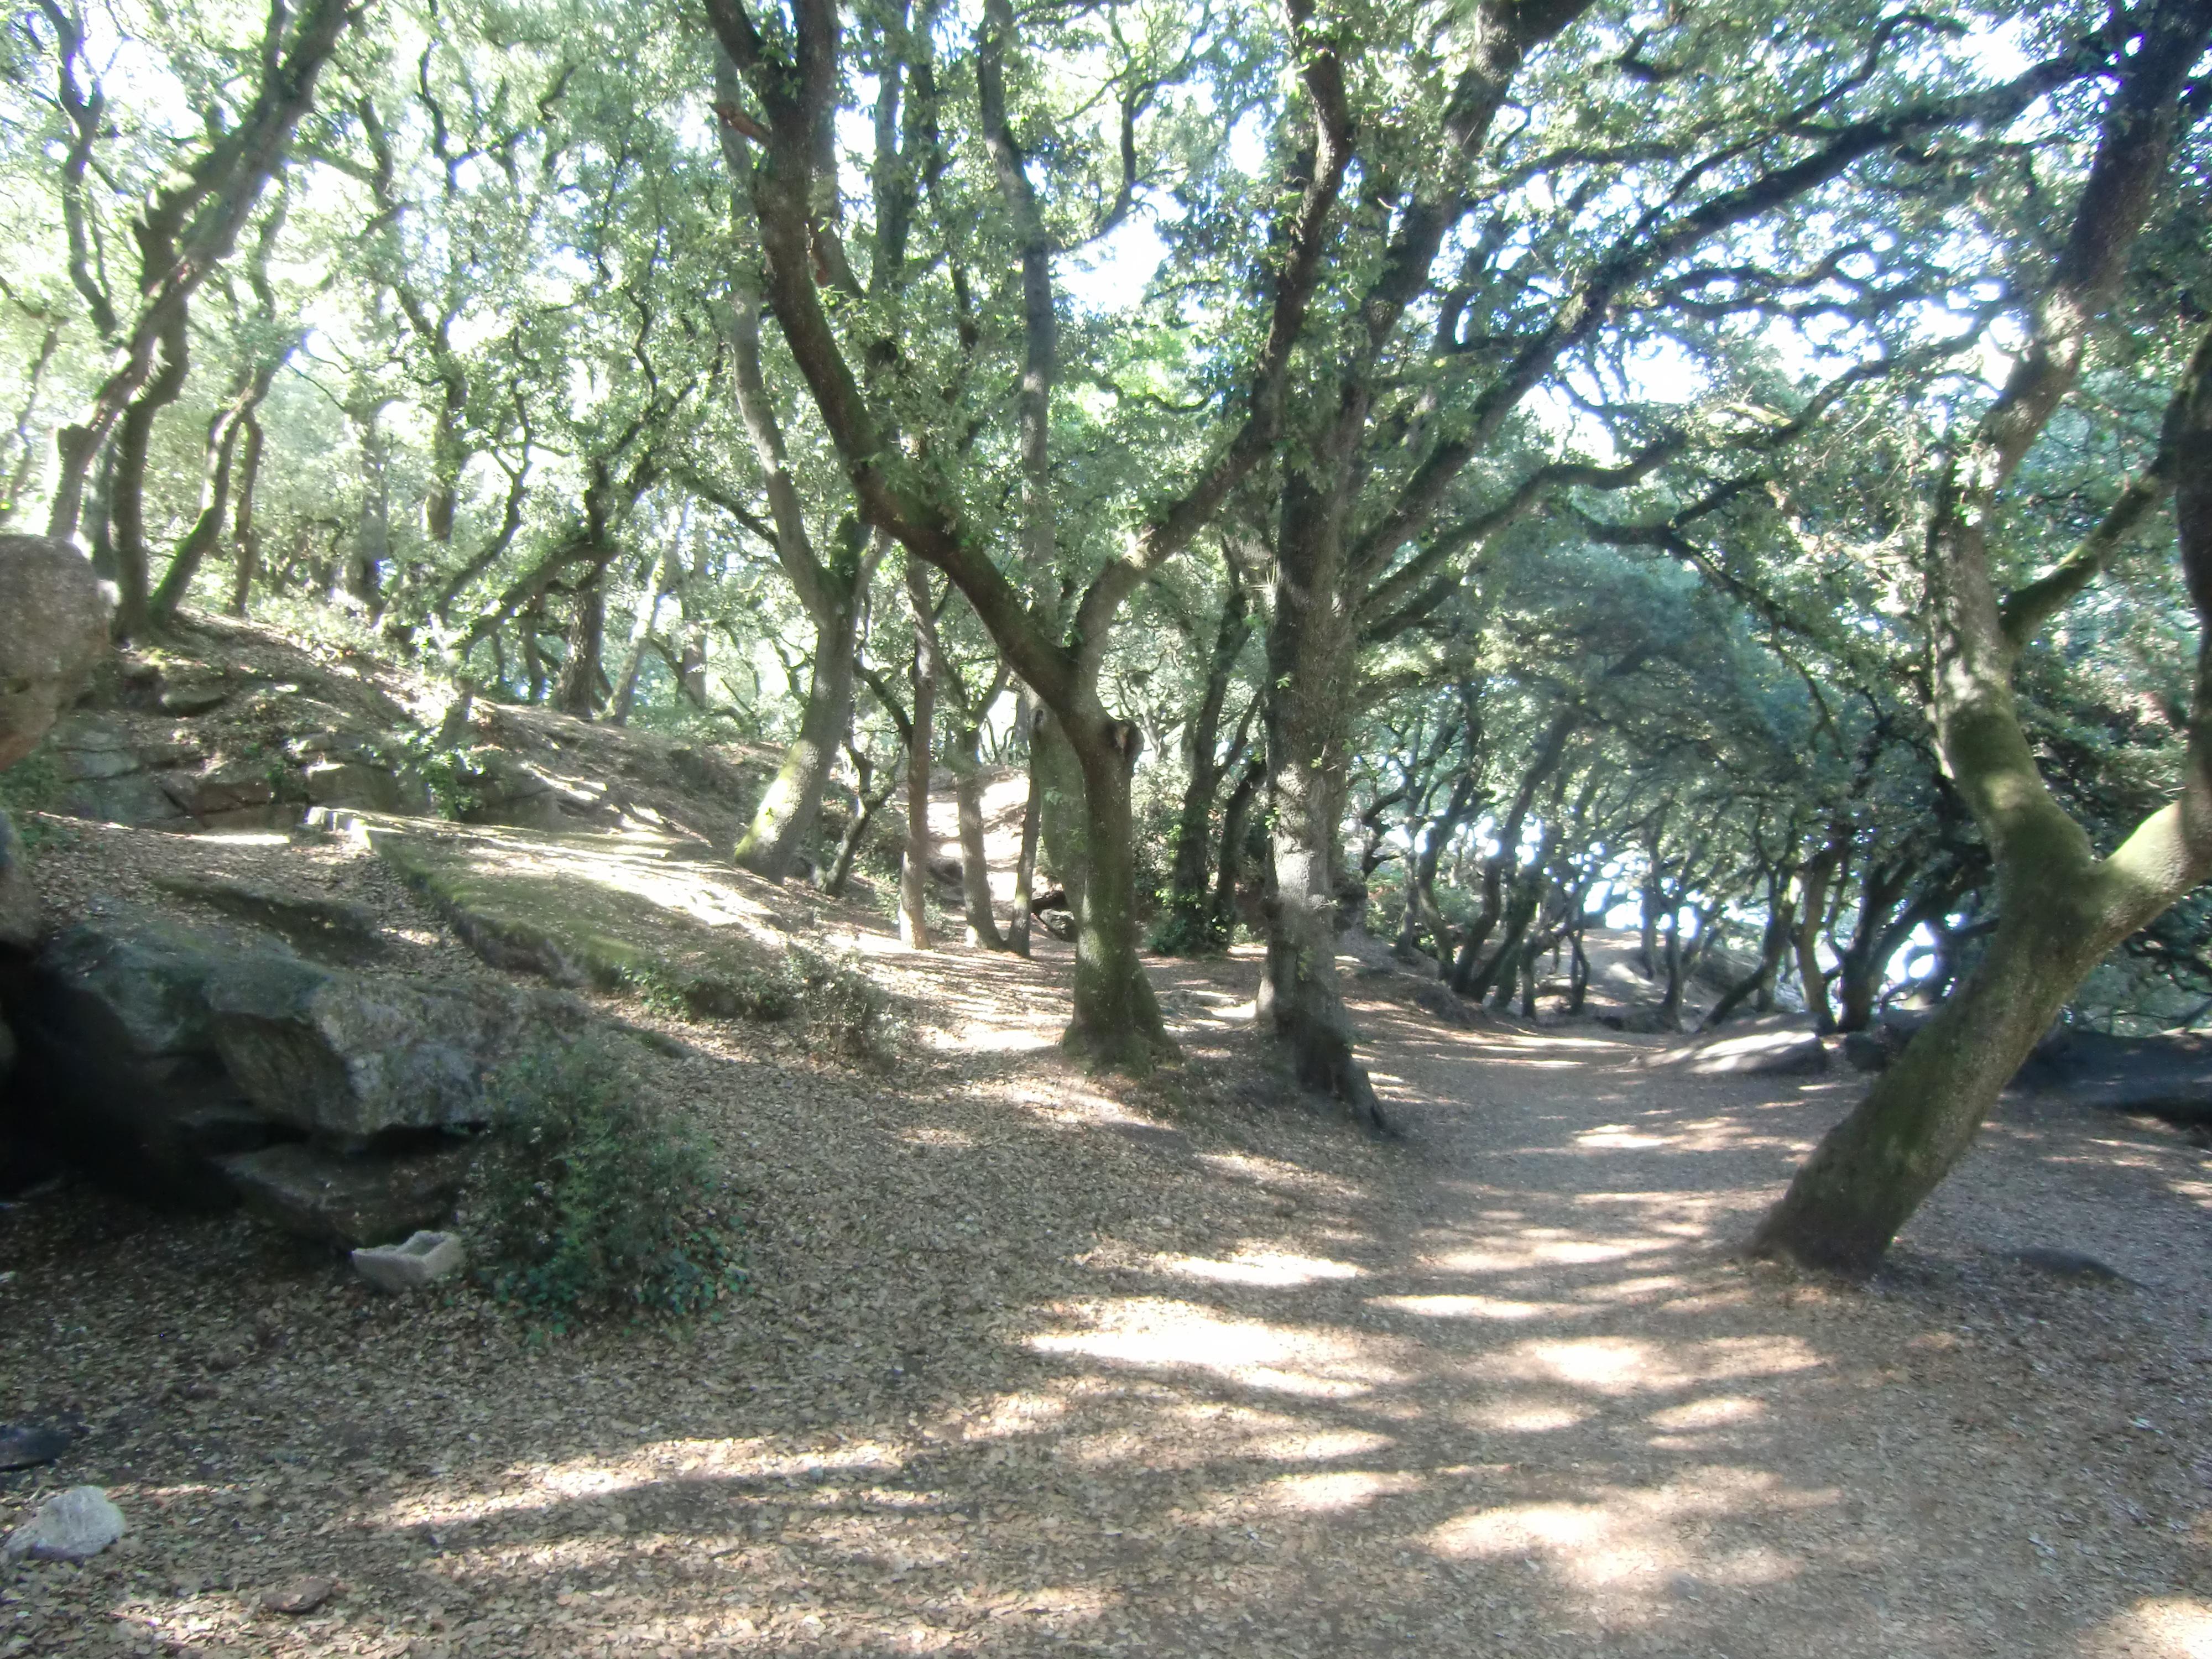 Visite Du Cot Bois De La Chaise Avec Google Maps Street View En Cliquant Sur Le Lien Ci Dessous